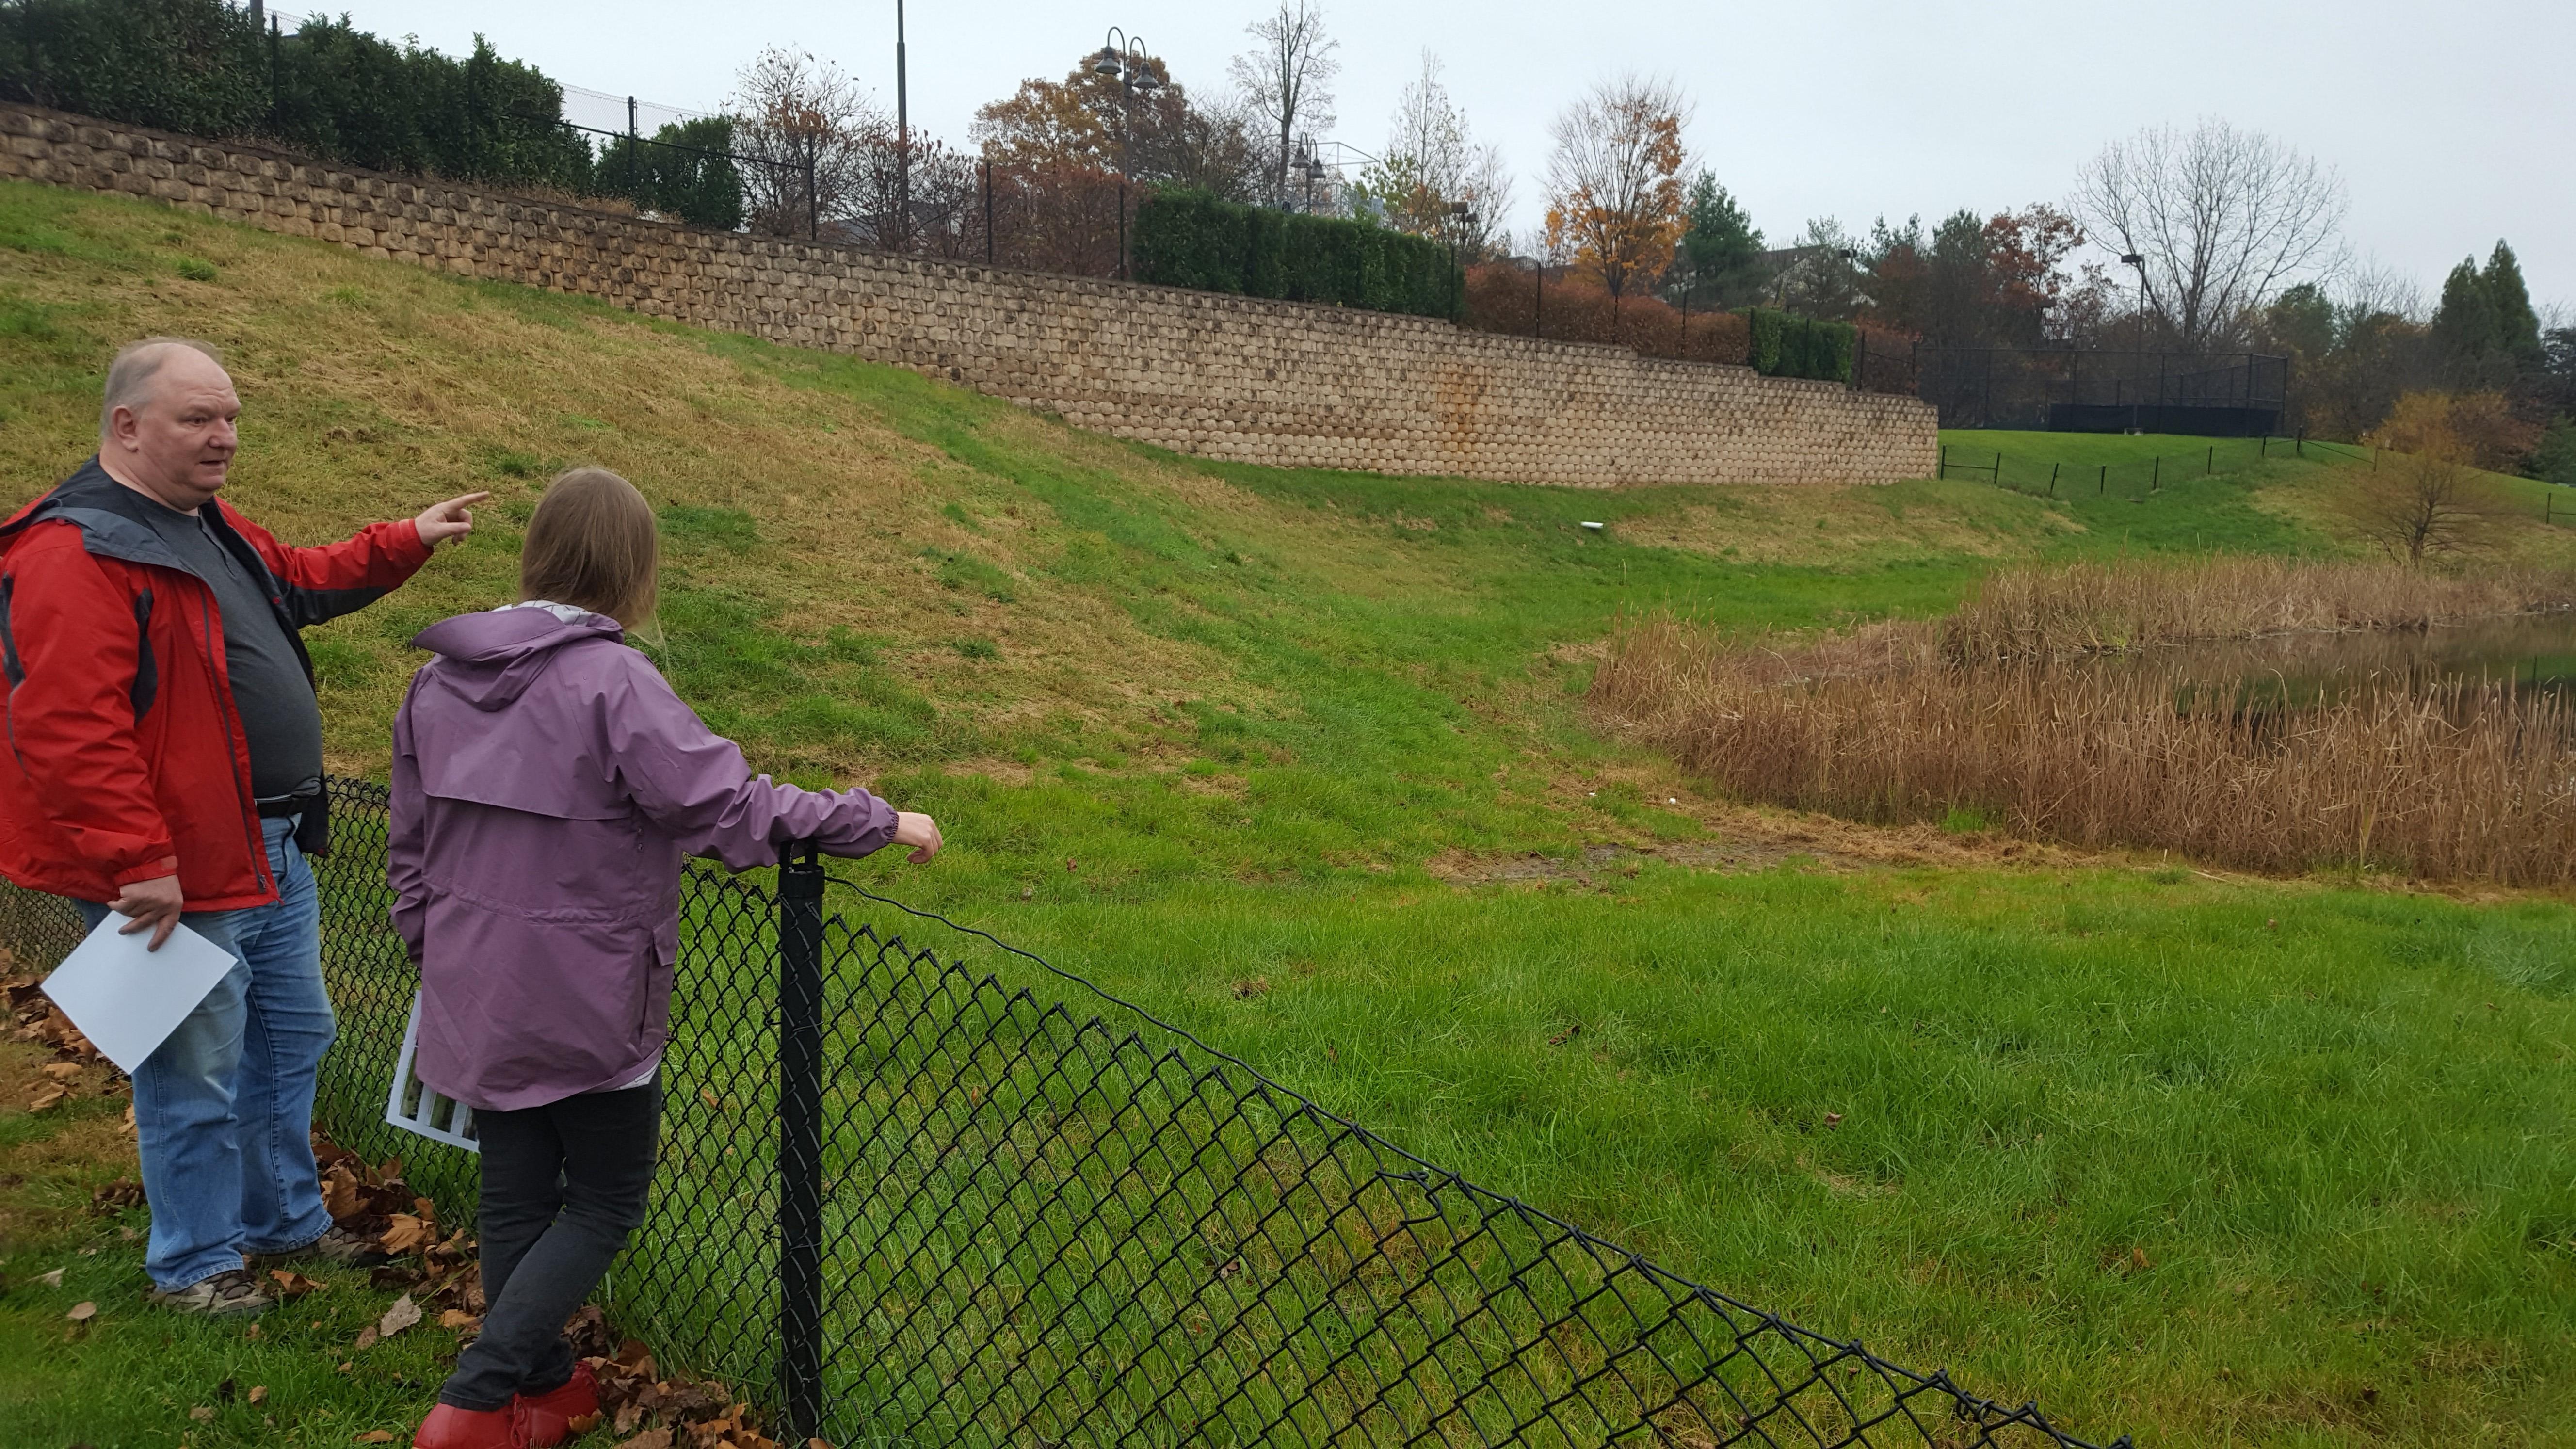 Richard and Jennifer look at a failing infiltration basin